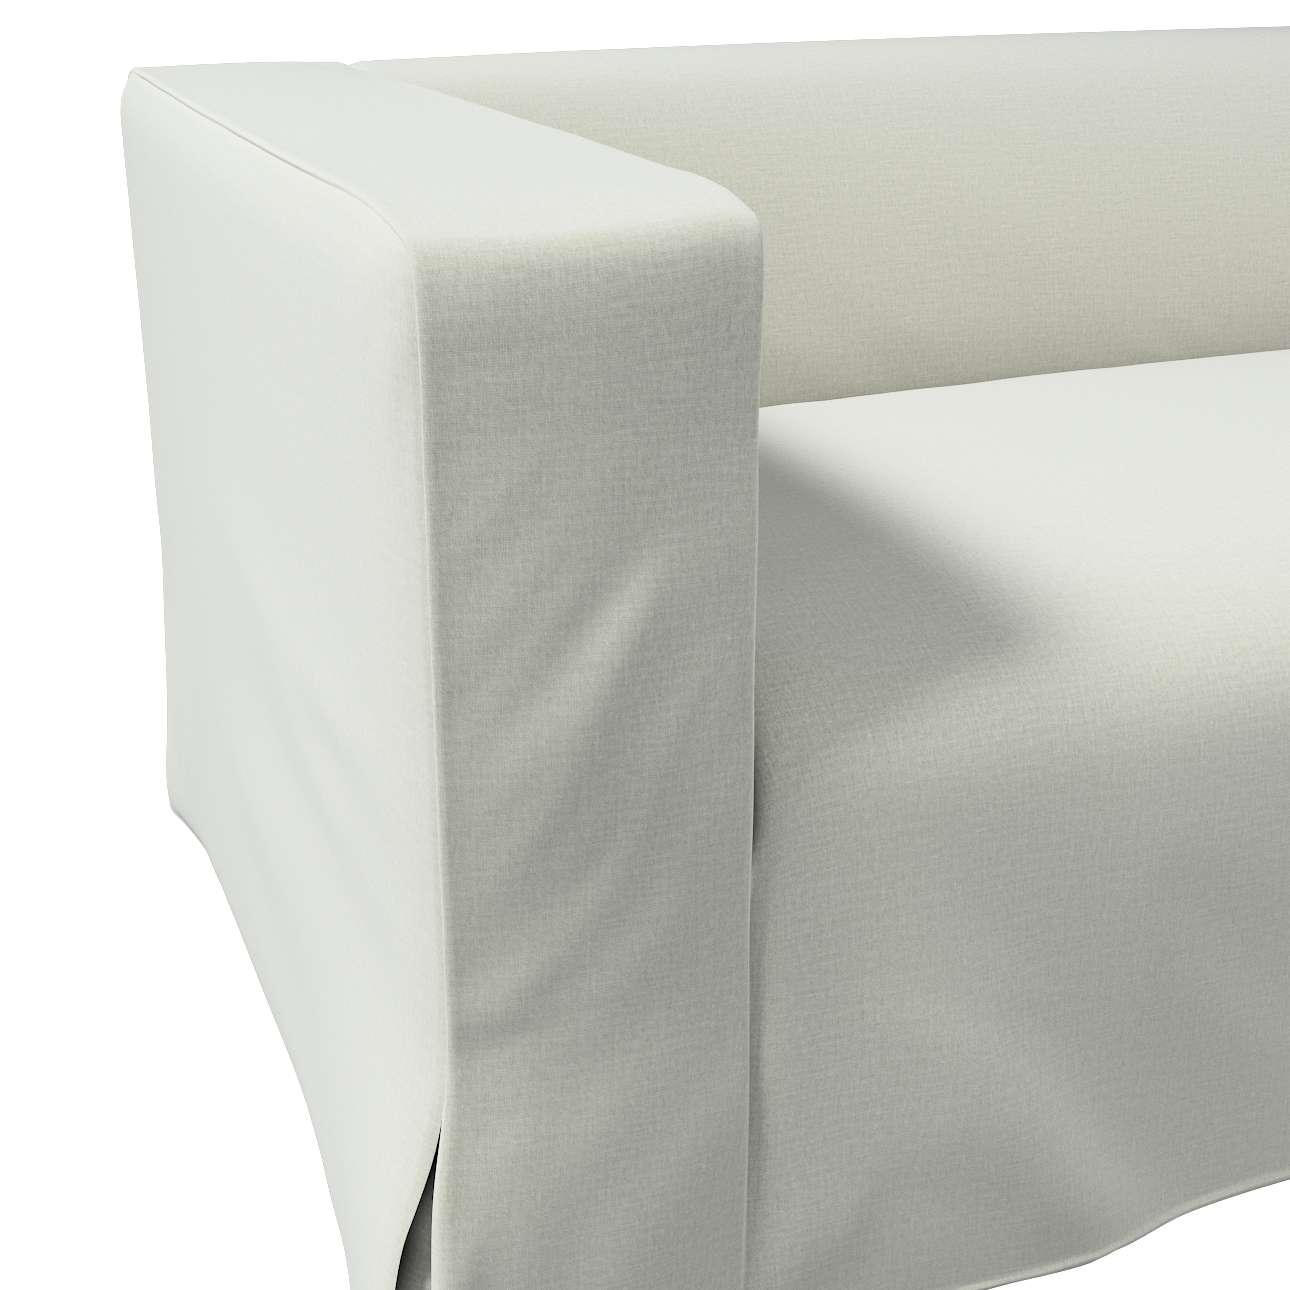 Pokrowiec na sofę Klippan 2-osobową długi z kontrafałdami w kolekcji Ingrid, tkanina: 705-41